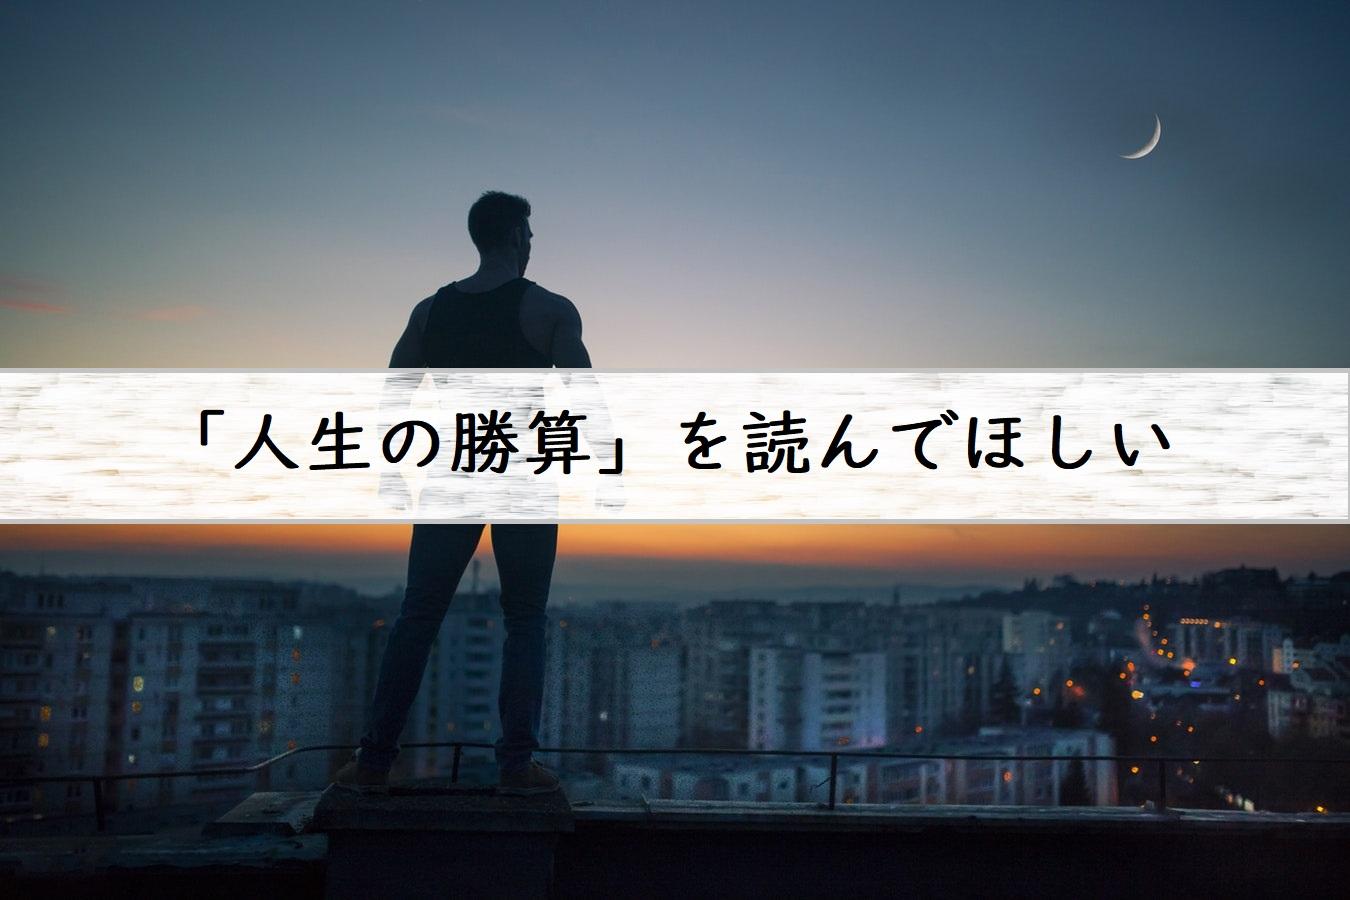 前田裕二さんの「人生の勝算」が素晴らしい